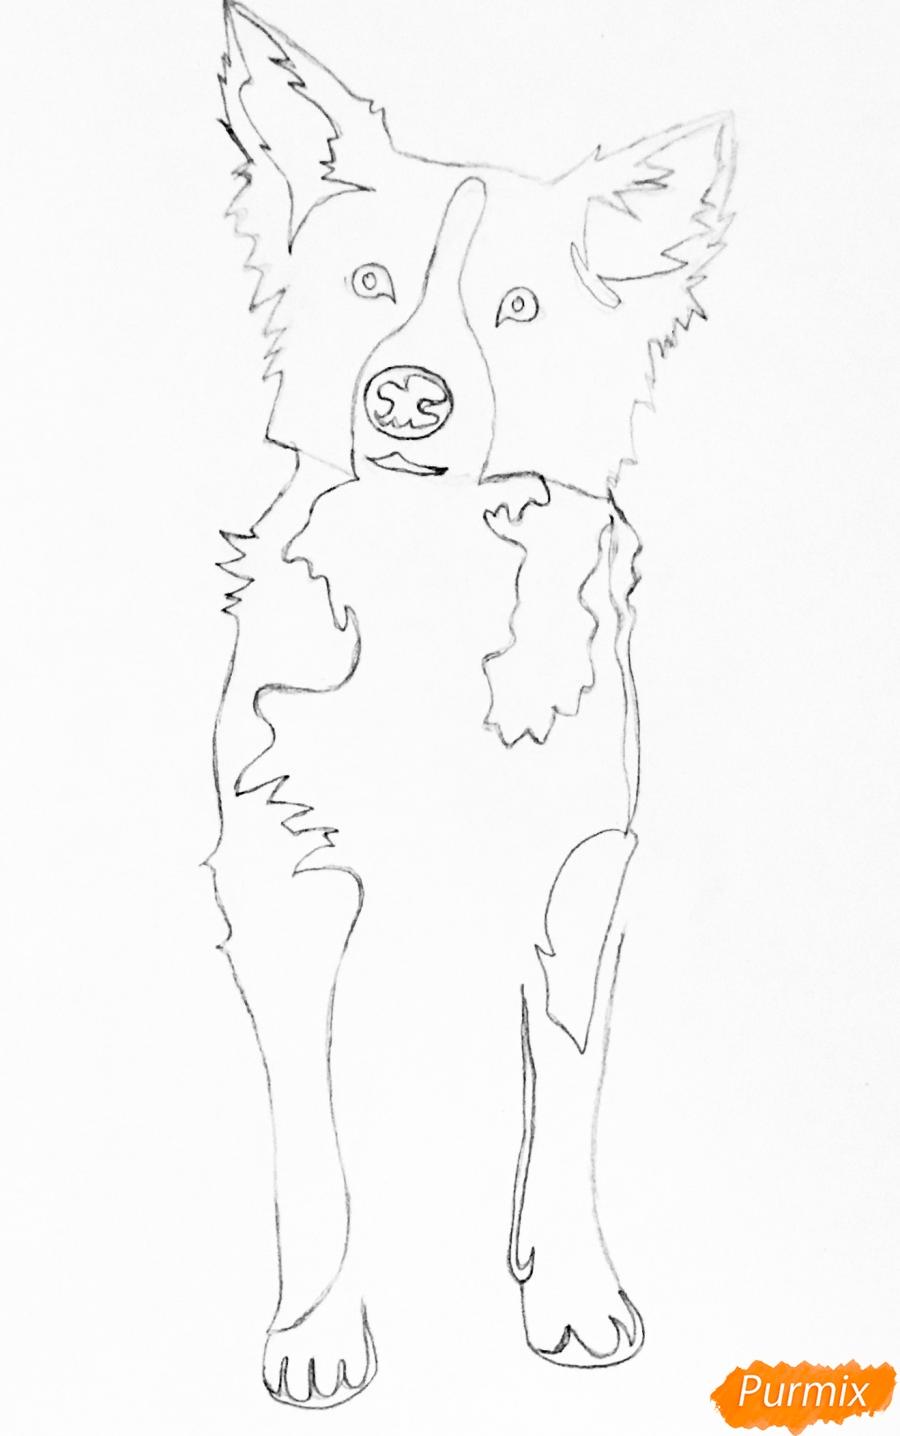 Рисуем тату собаку - фото 4